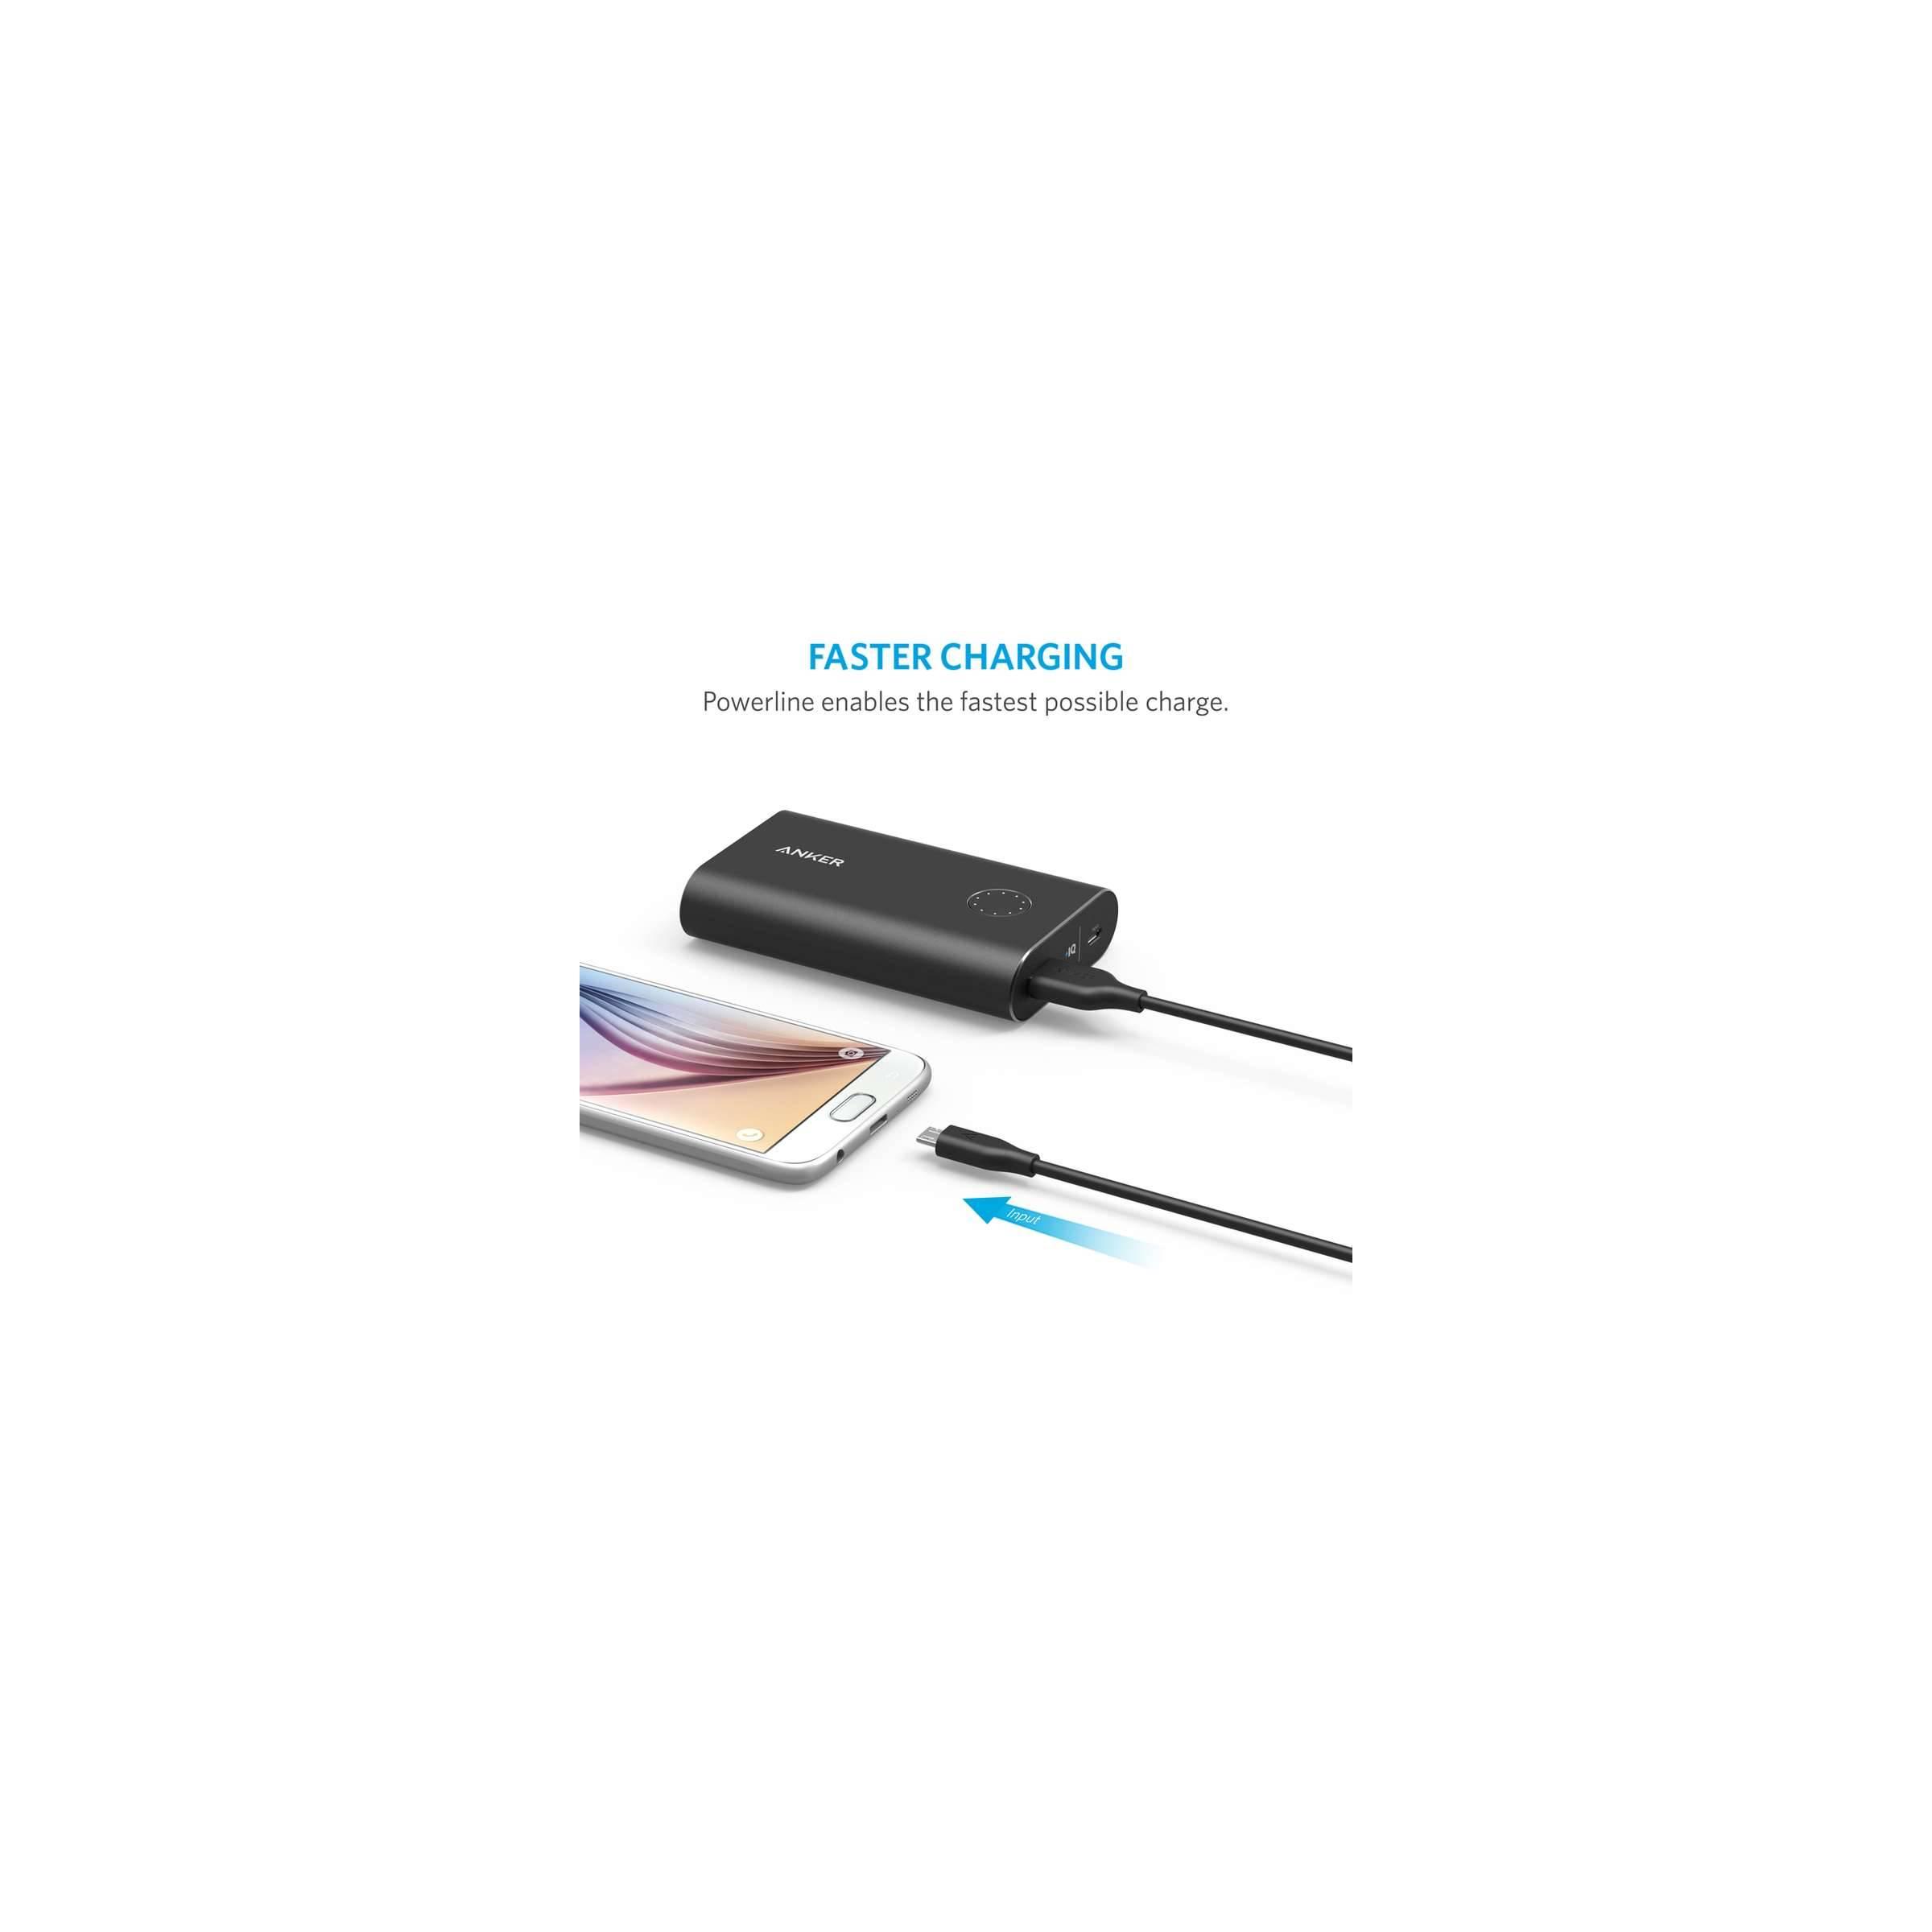 anker – Anker powerline micro-usb kabel 0,9m/1,8m sort længde 1,8m / 180cm / 6ft fra mackabler.dk